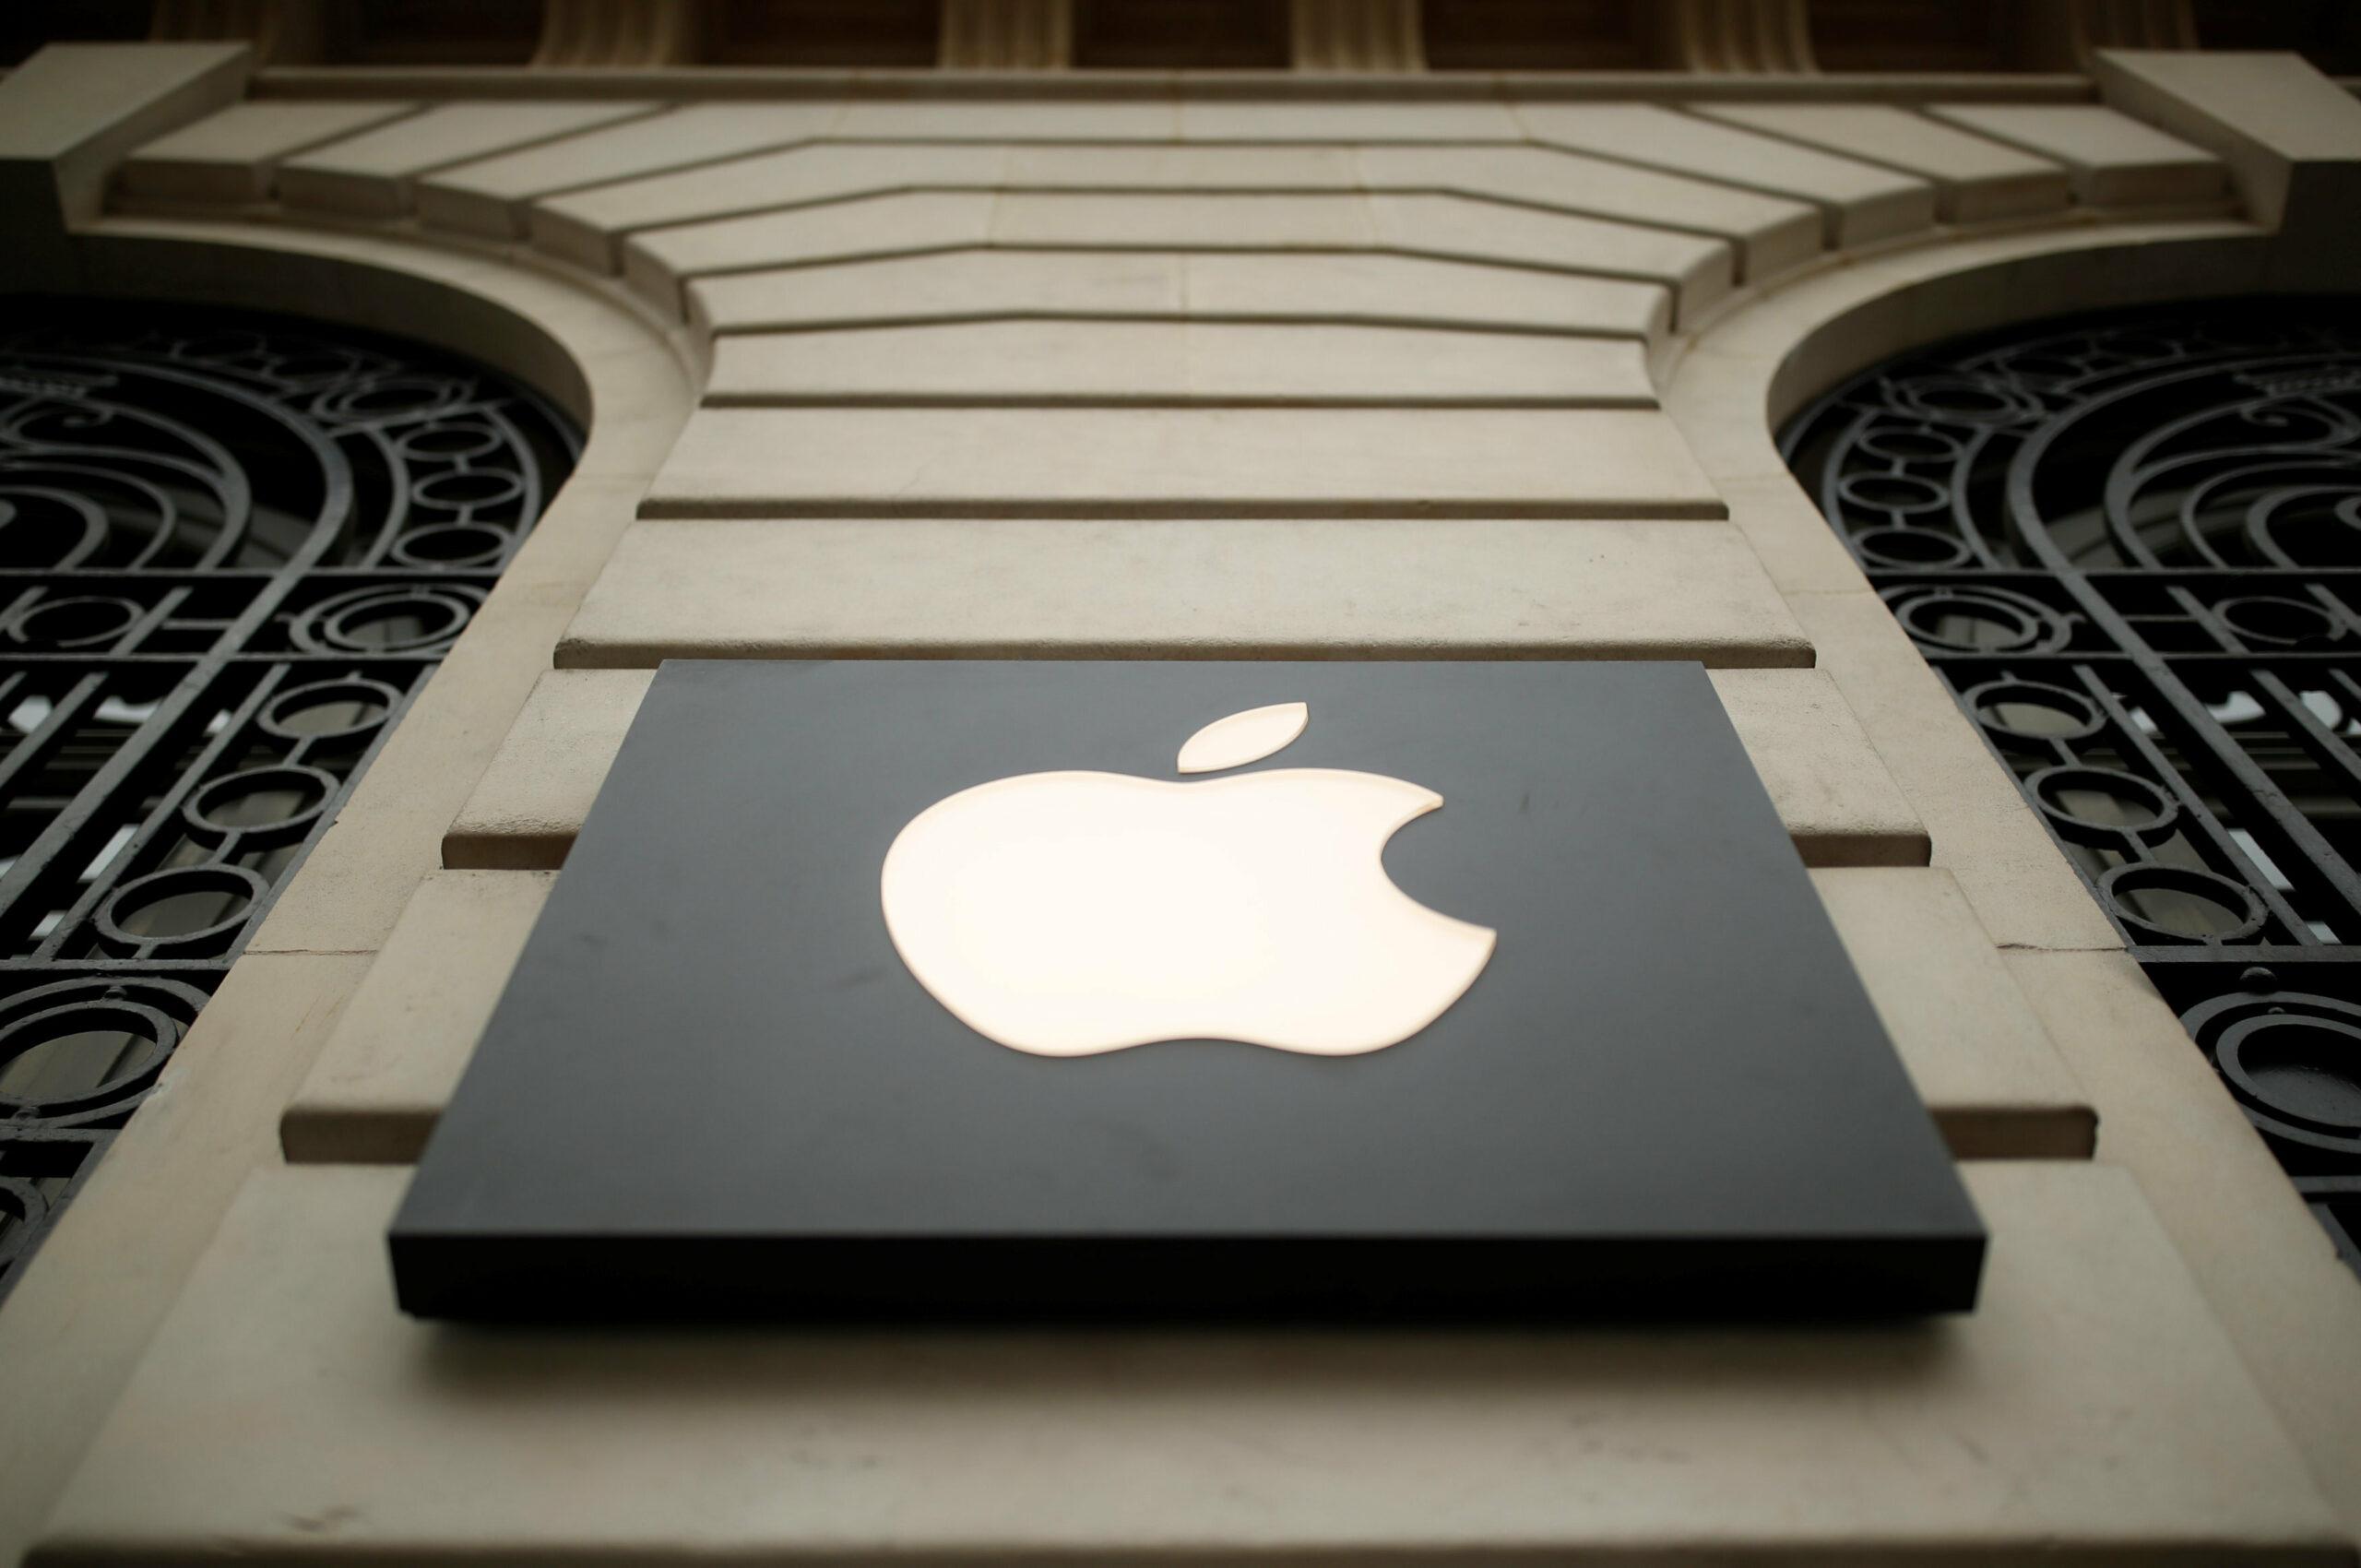 Apple rakiplerini yok etmek için